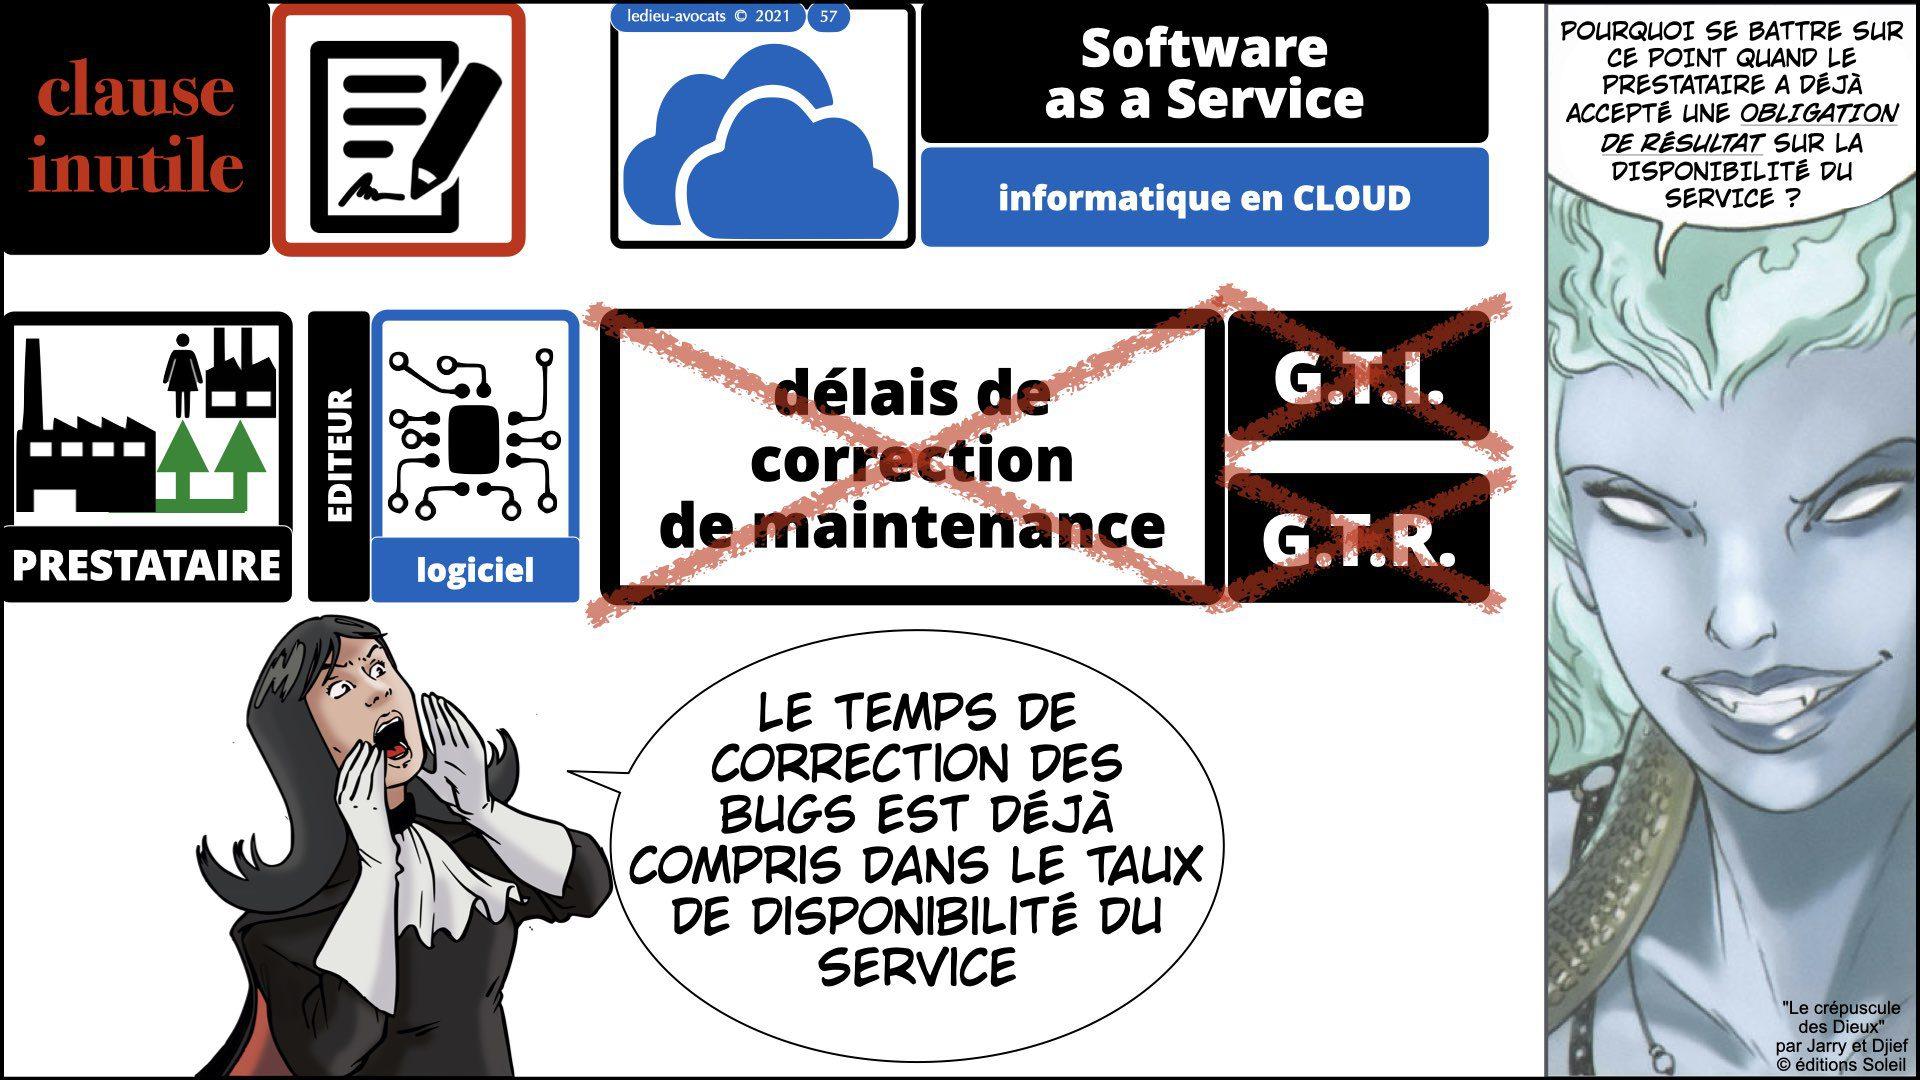 343 service LOGICIEL SaaS Software-as-a-Service cloud computing © Ledieu-Avocats technique droit numerique 30-08-2021.057